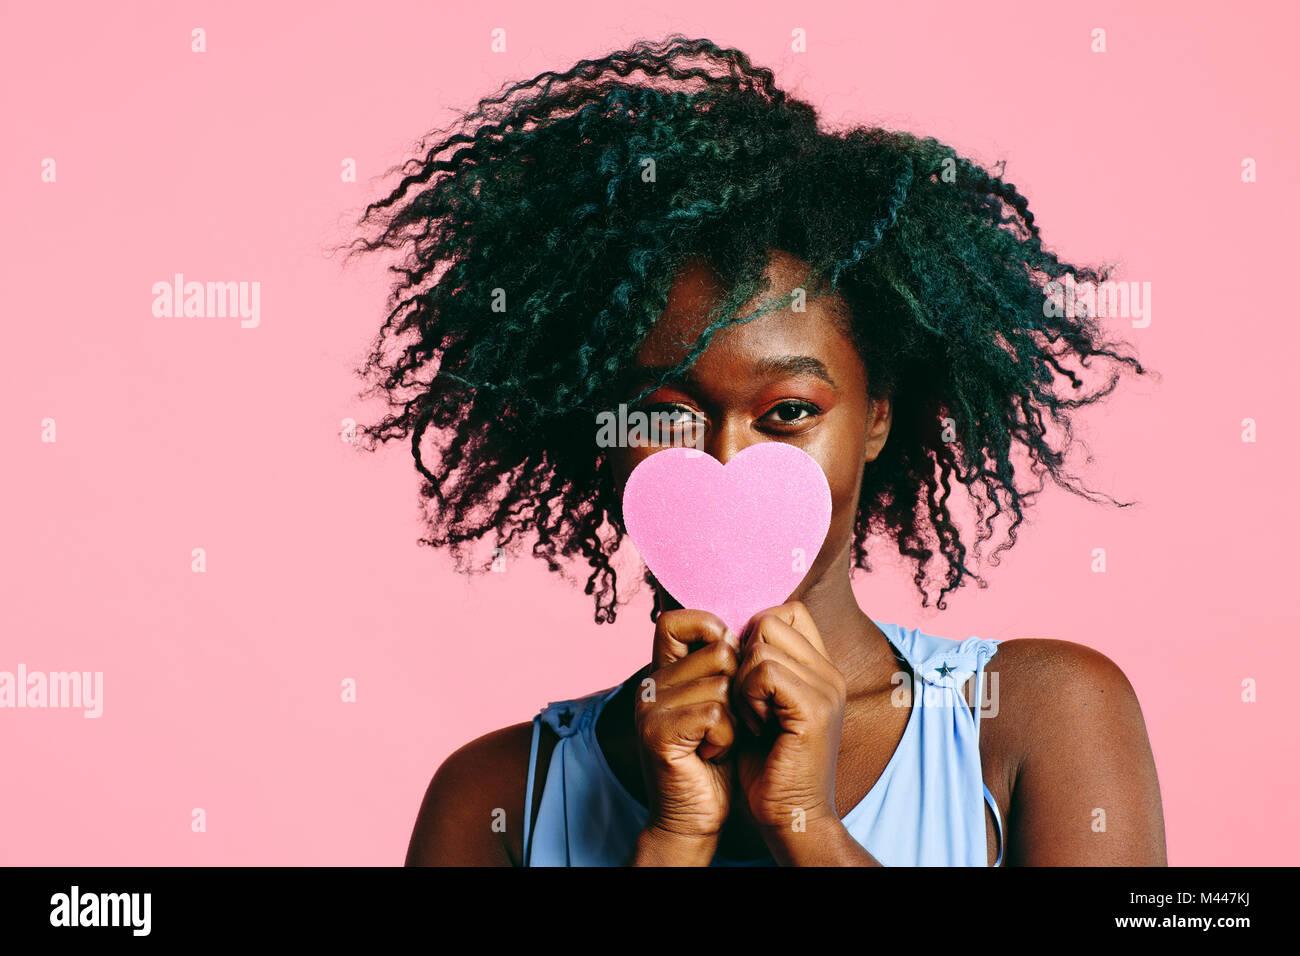 Fille aux cheveux noirs frisés bleuté tenant un cœur rose en face de son visage Photo Stock